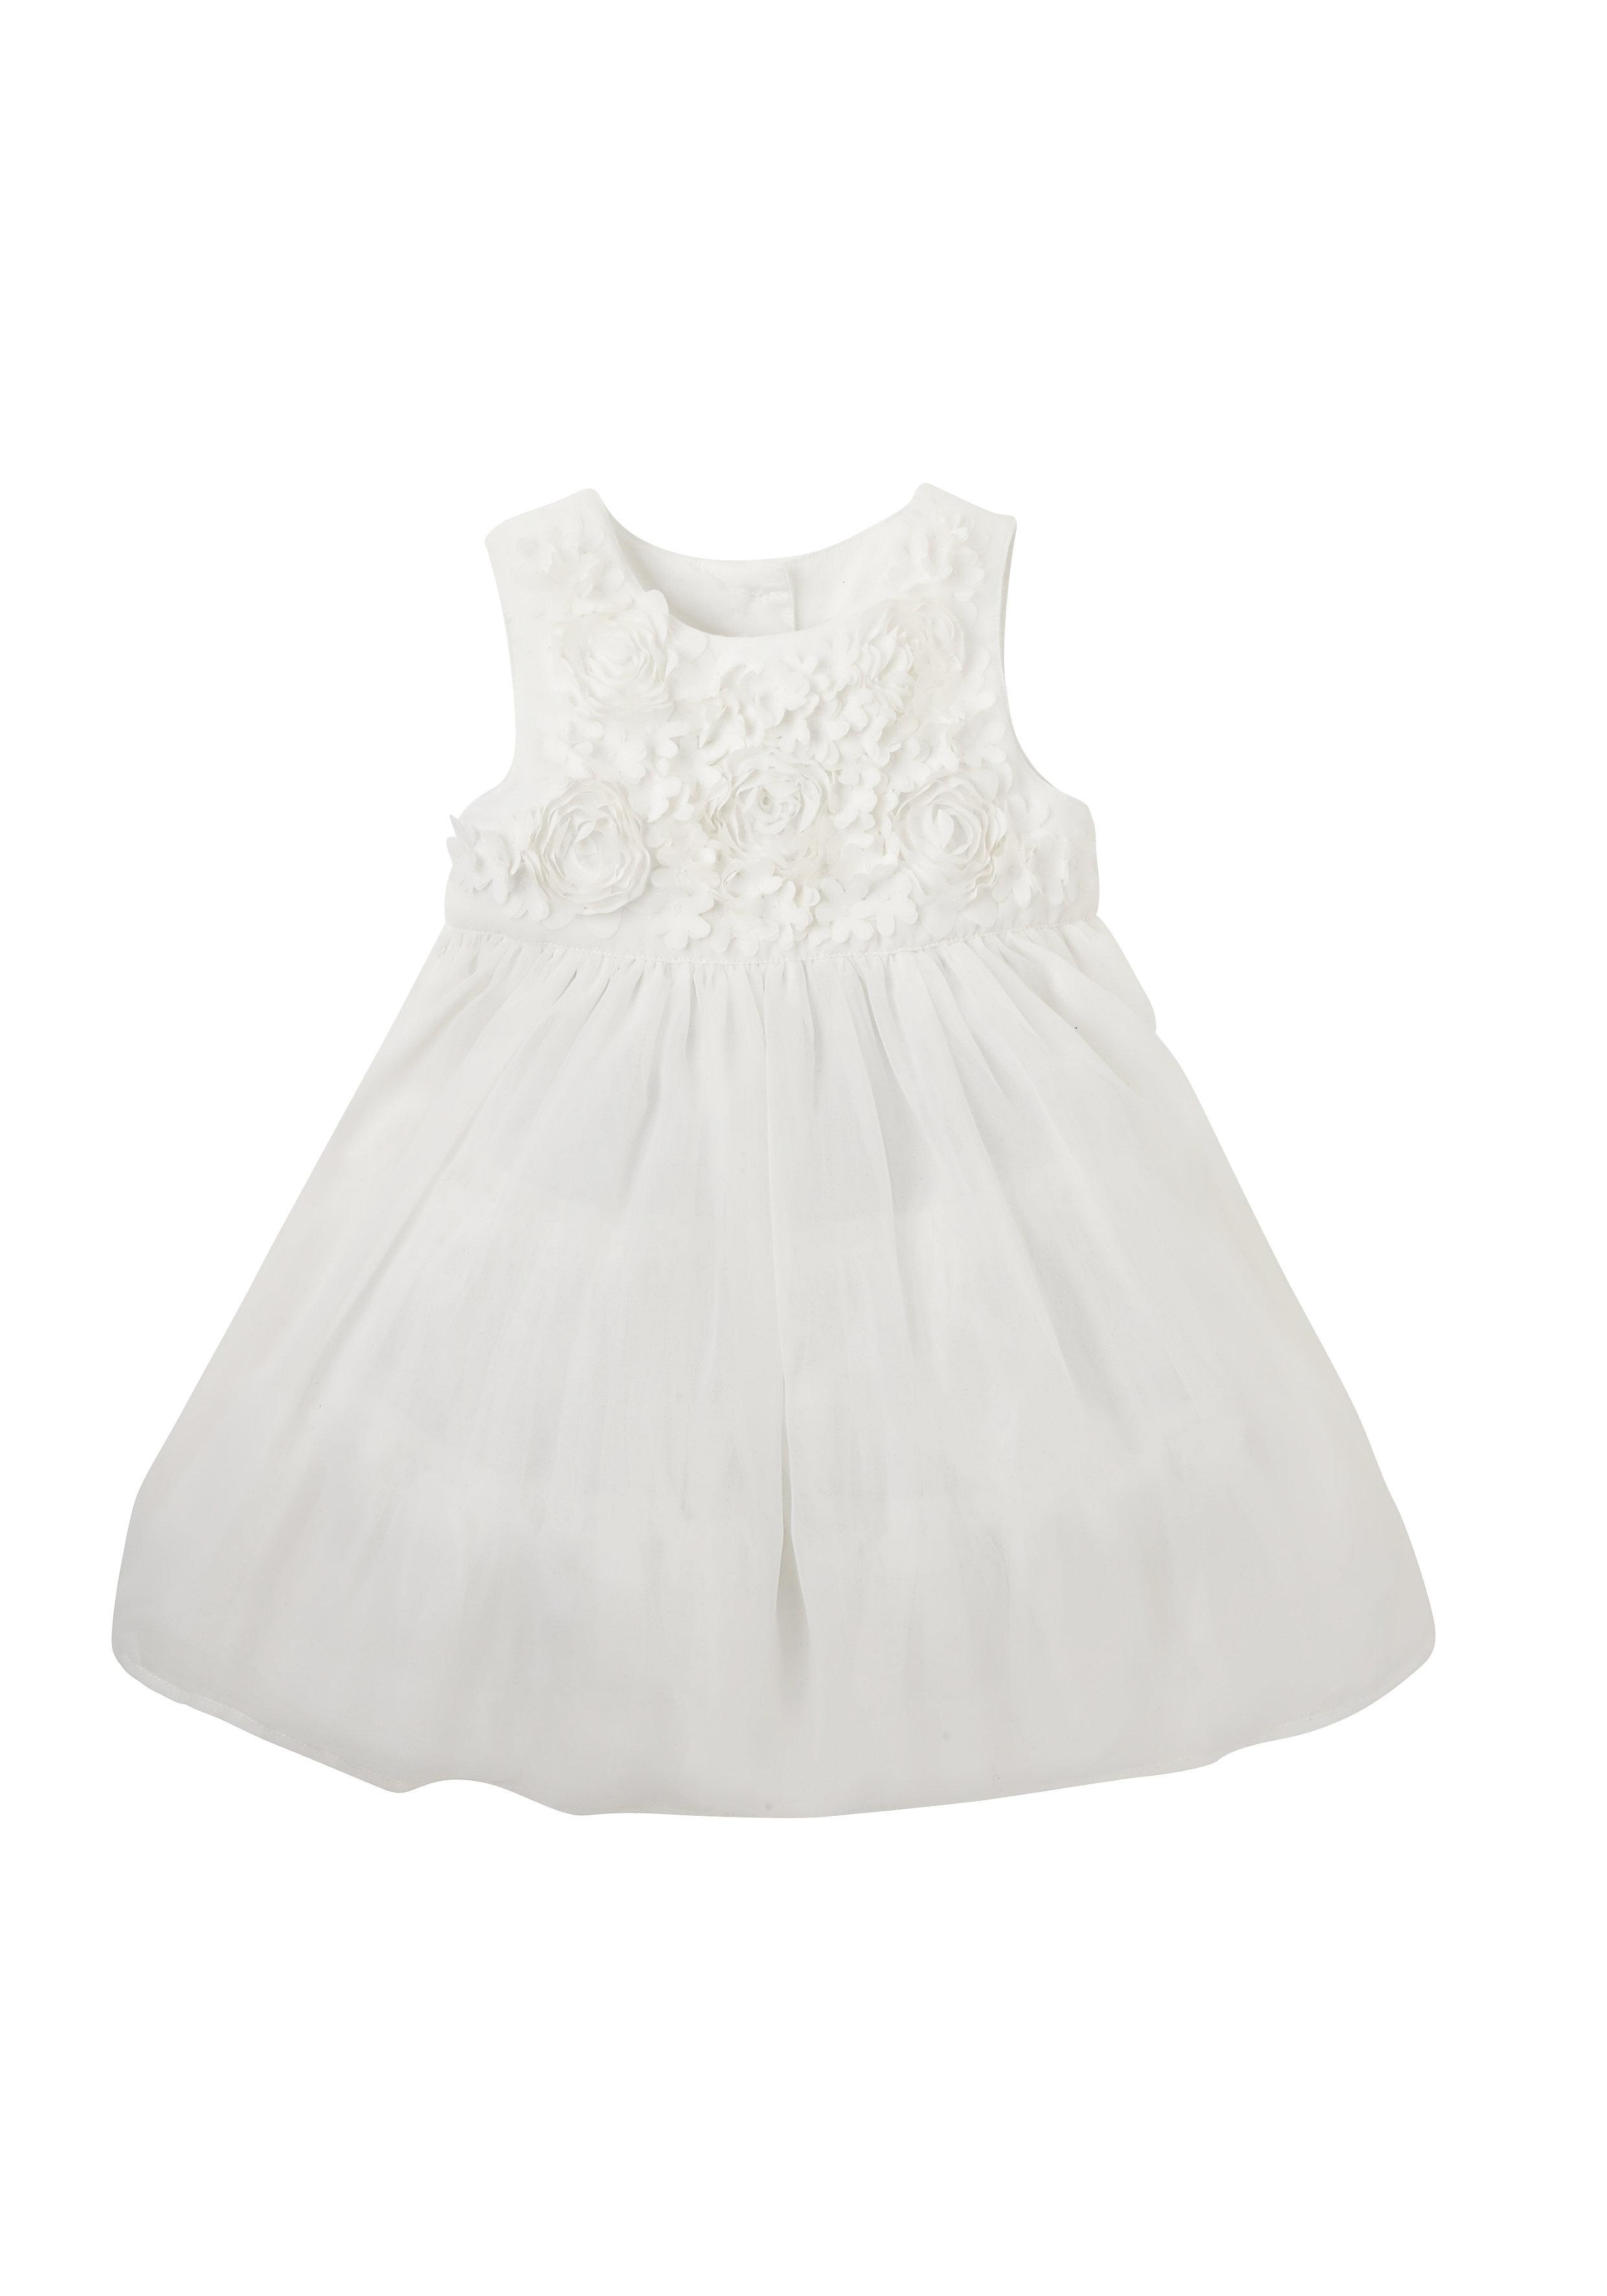 Mothercare | Girls Full Sleeves Dress Flower Design - White